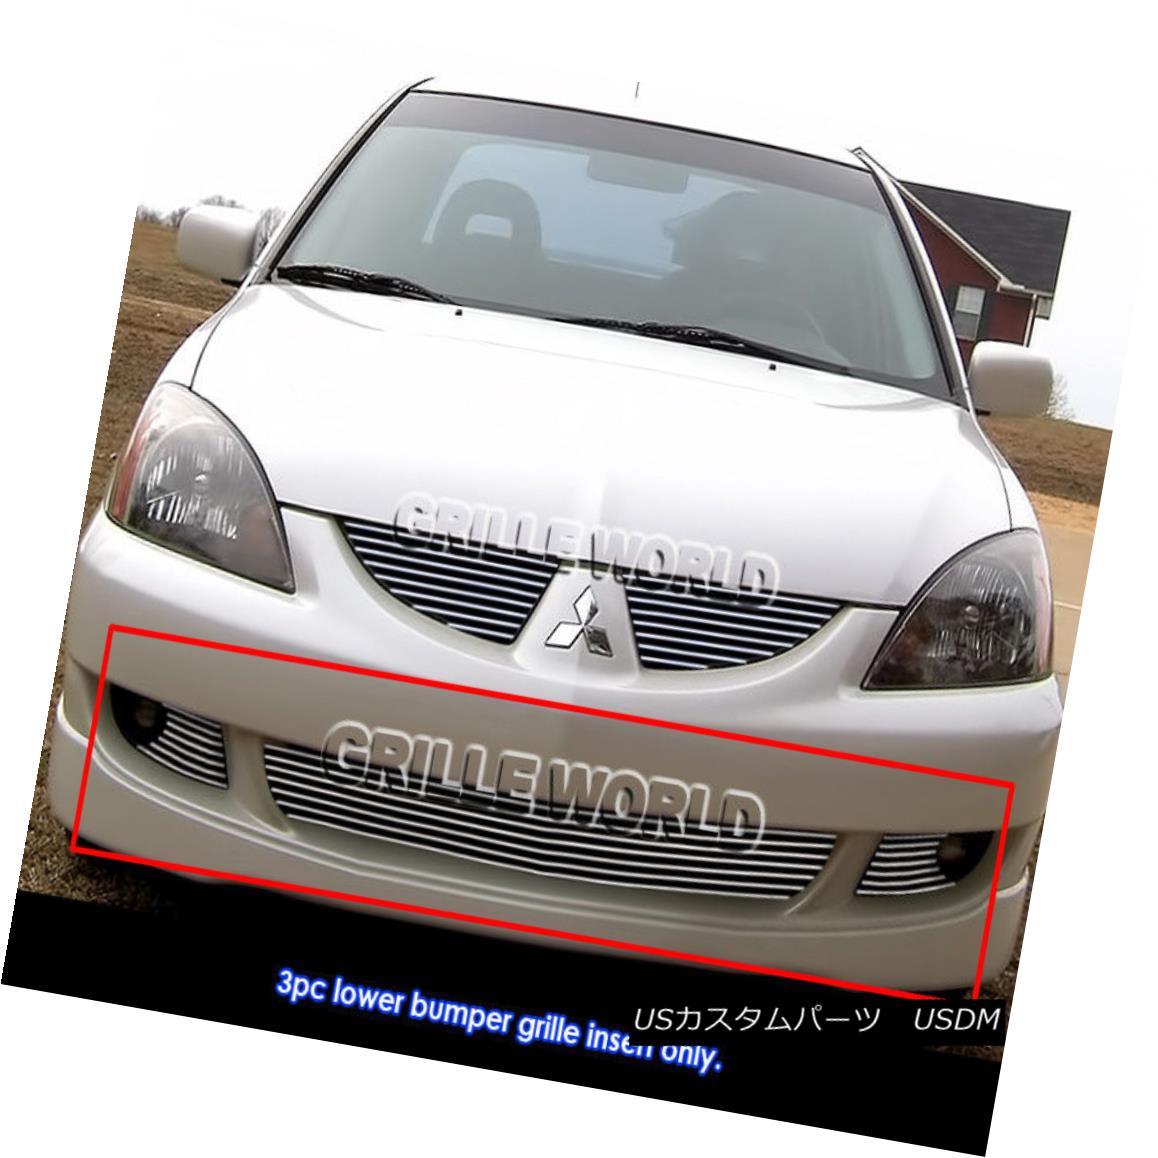 グリル Fits 2004-2005 Mitsubishi Lancer Ralliart Bumper Billet Grille Insert フィット2004-2005三菱ランサーラリーアートバンパービレットグリルインサート